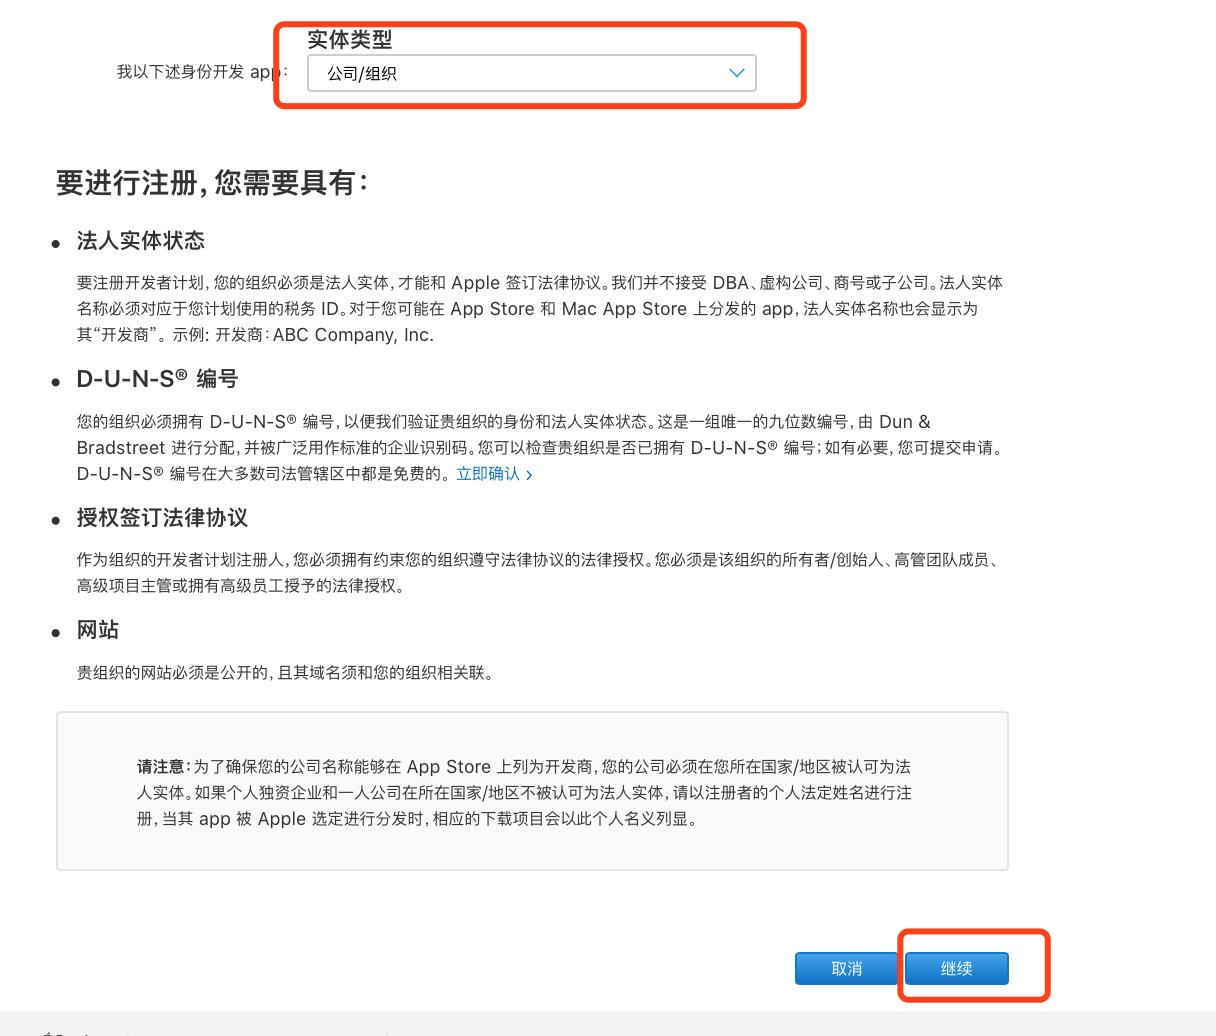 #iOS公司开发者申请-详细# 如何正确的申请iOS开发者公司版以及具体的申请过程